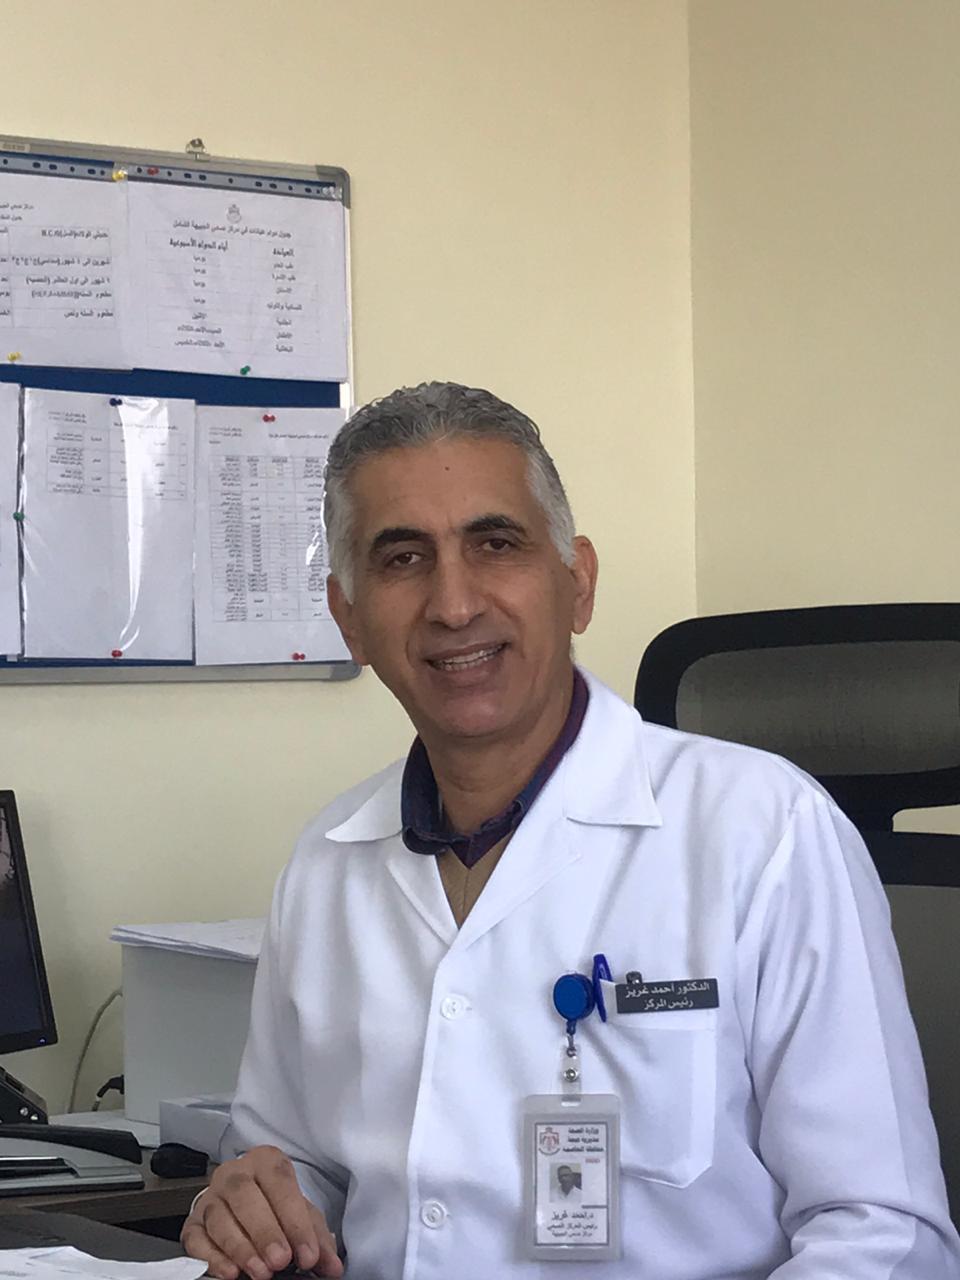 الدكتور احمد غريز   ..  شكرا من الاهالي